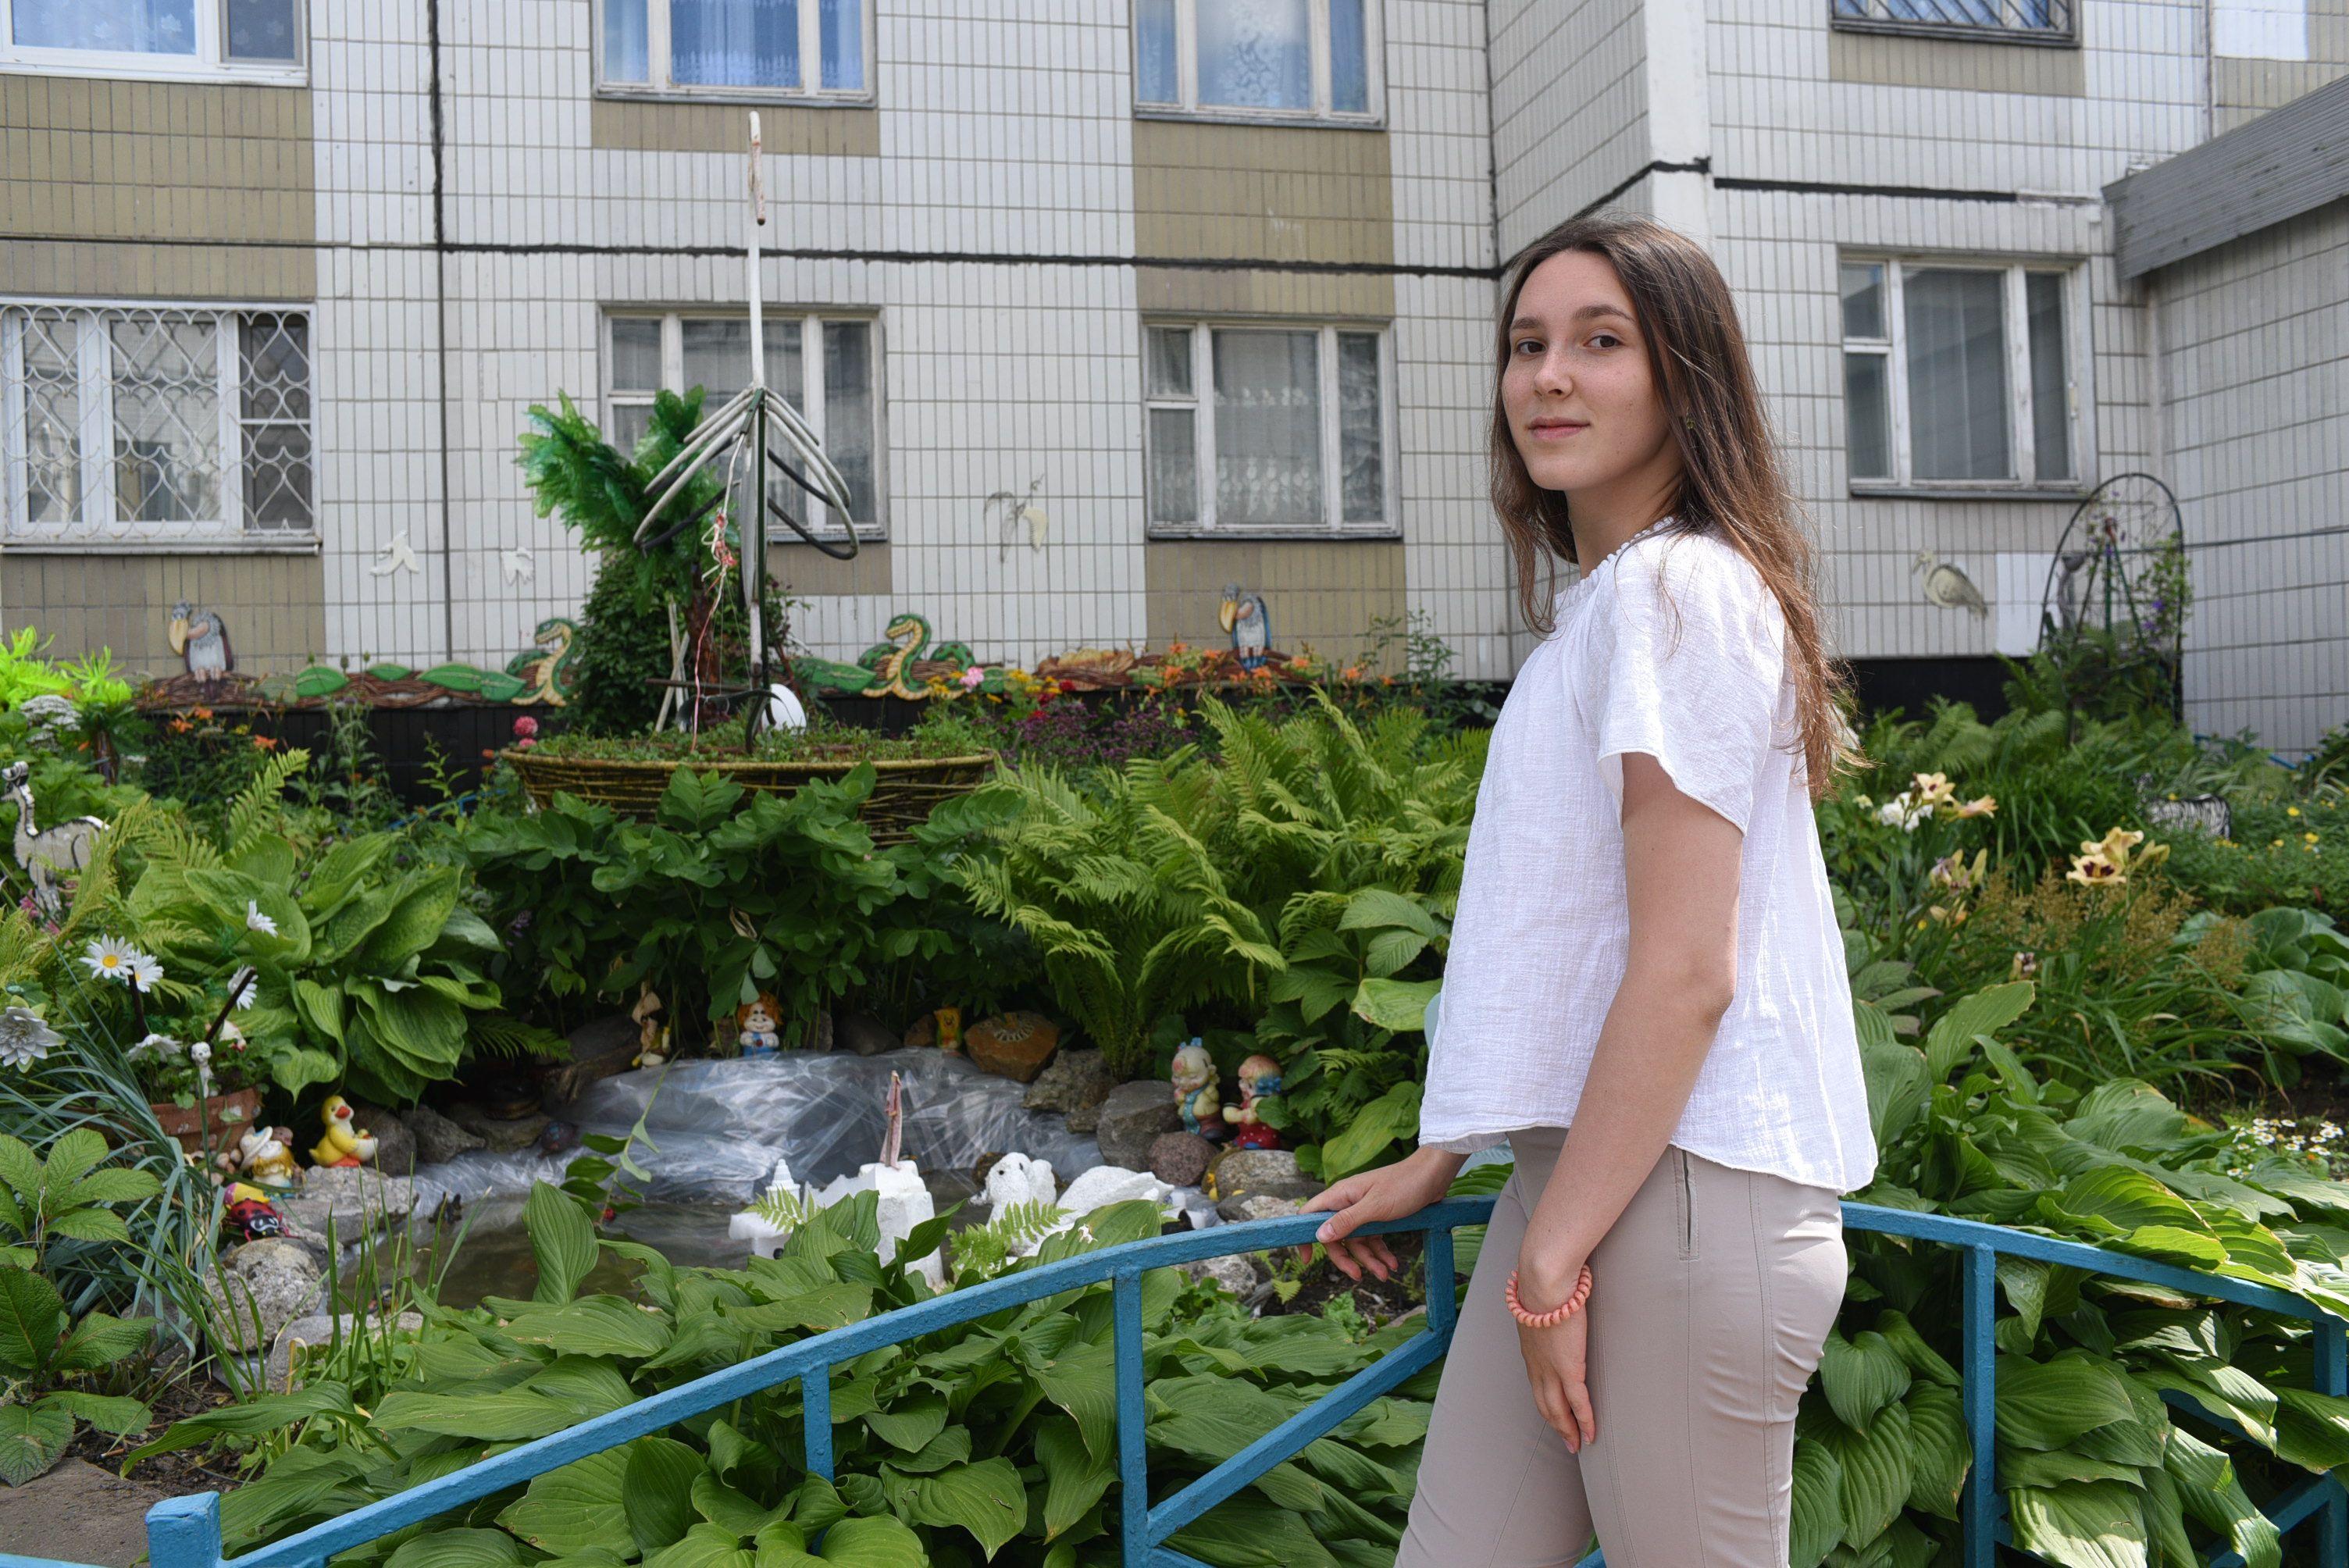 Абрикосовое дерево и зоопарк: необычный сад создала жительница дома по Ключевой улице